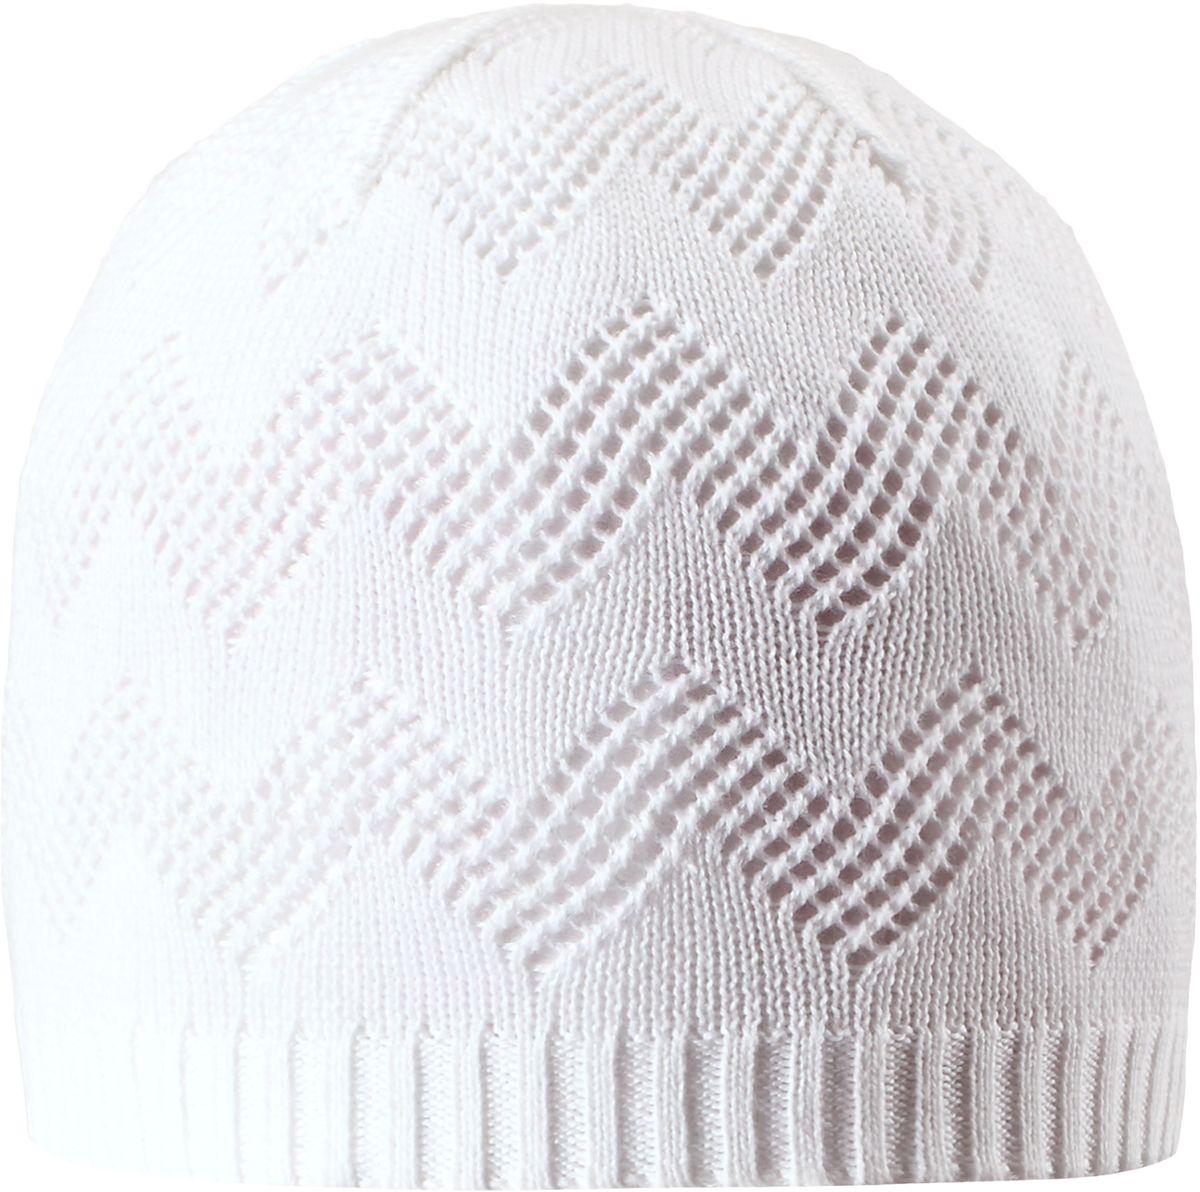 Шапка для девочки Reima Piranja, цвет: белый. 5285280100. Размер 565285280100Детская шапка станет превосходным выбором в межсезонье, в ней можно и поиграть во дворе, и прогуляться по городу. Изготовлена из мягкого и комфортного вязаного хлопка. Эта симпатичная облегченная модель без подкладки идеально подходит для солнечной погоды.